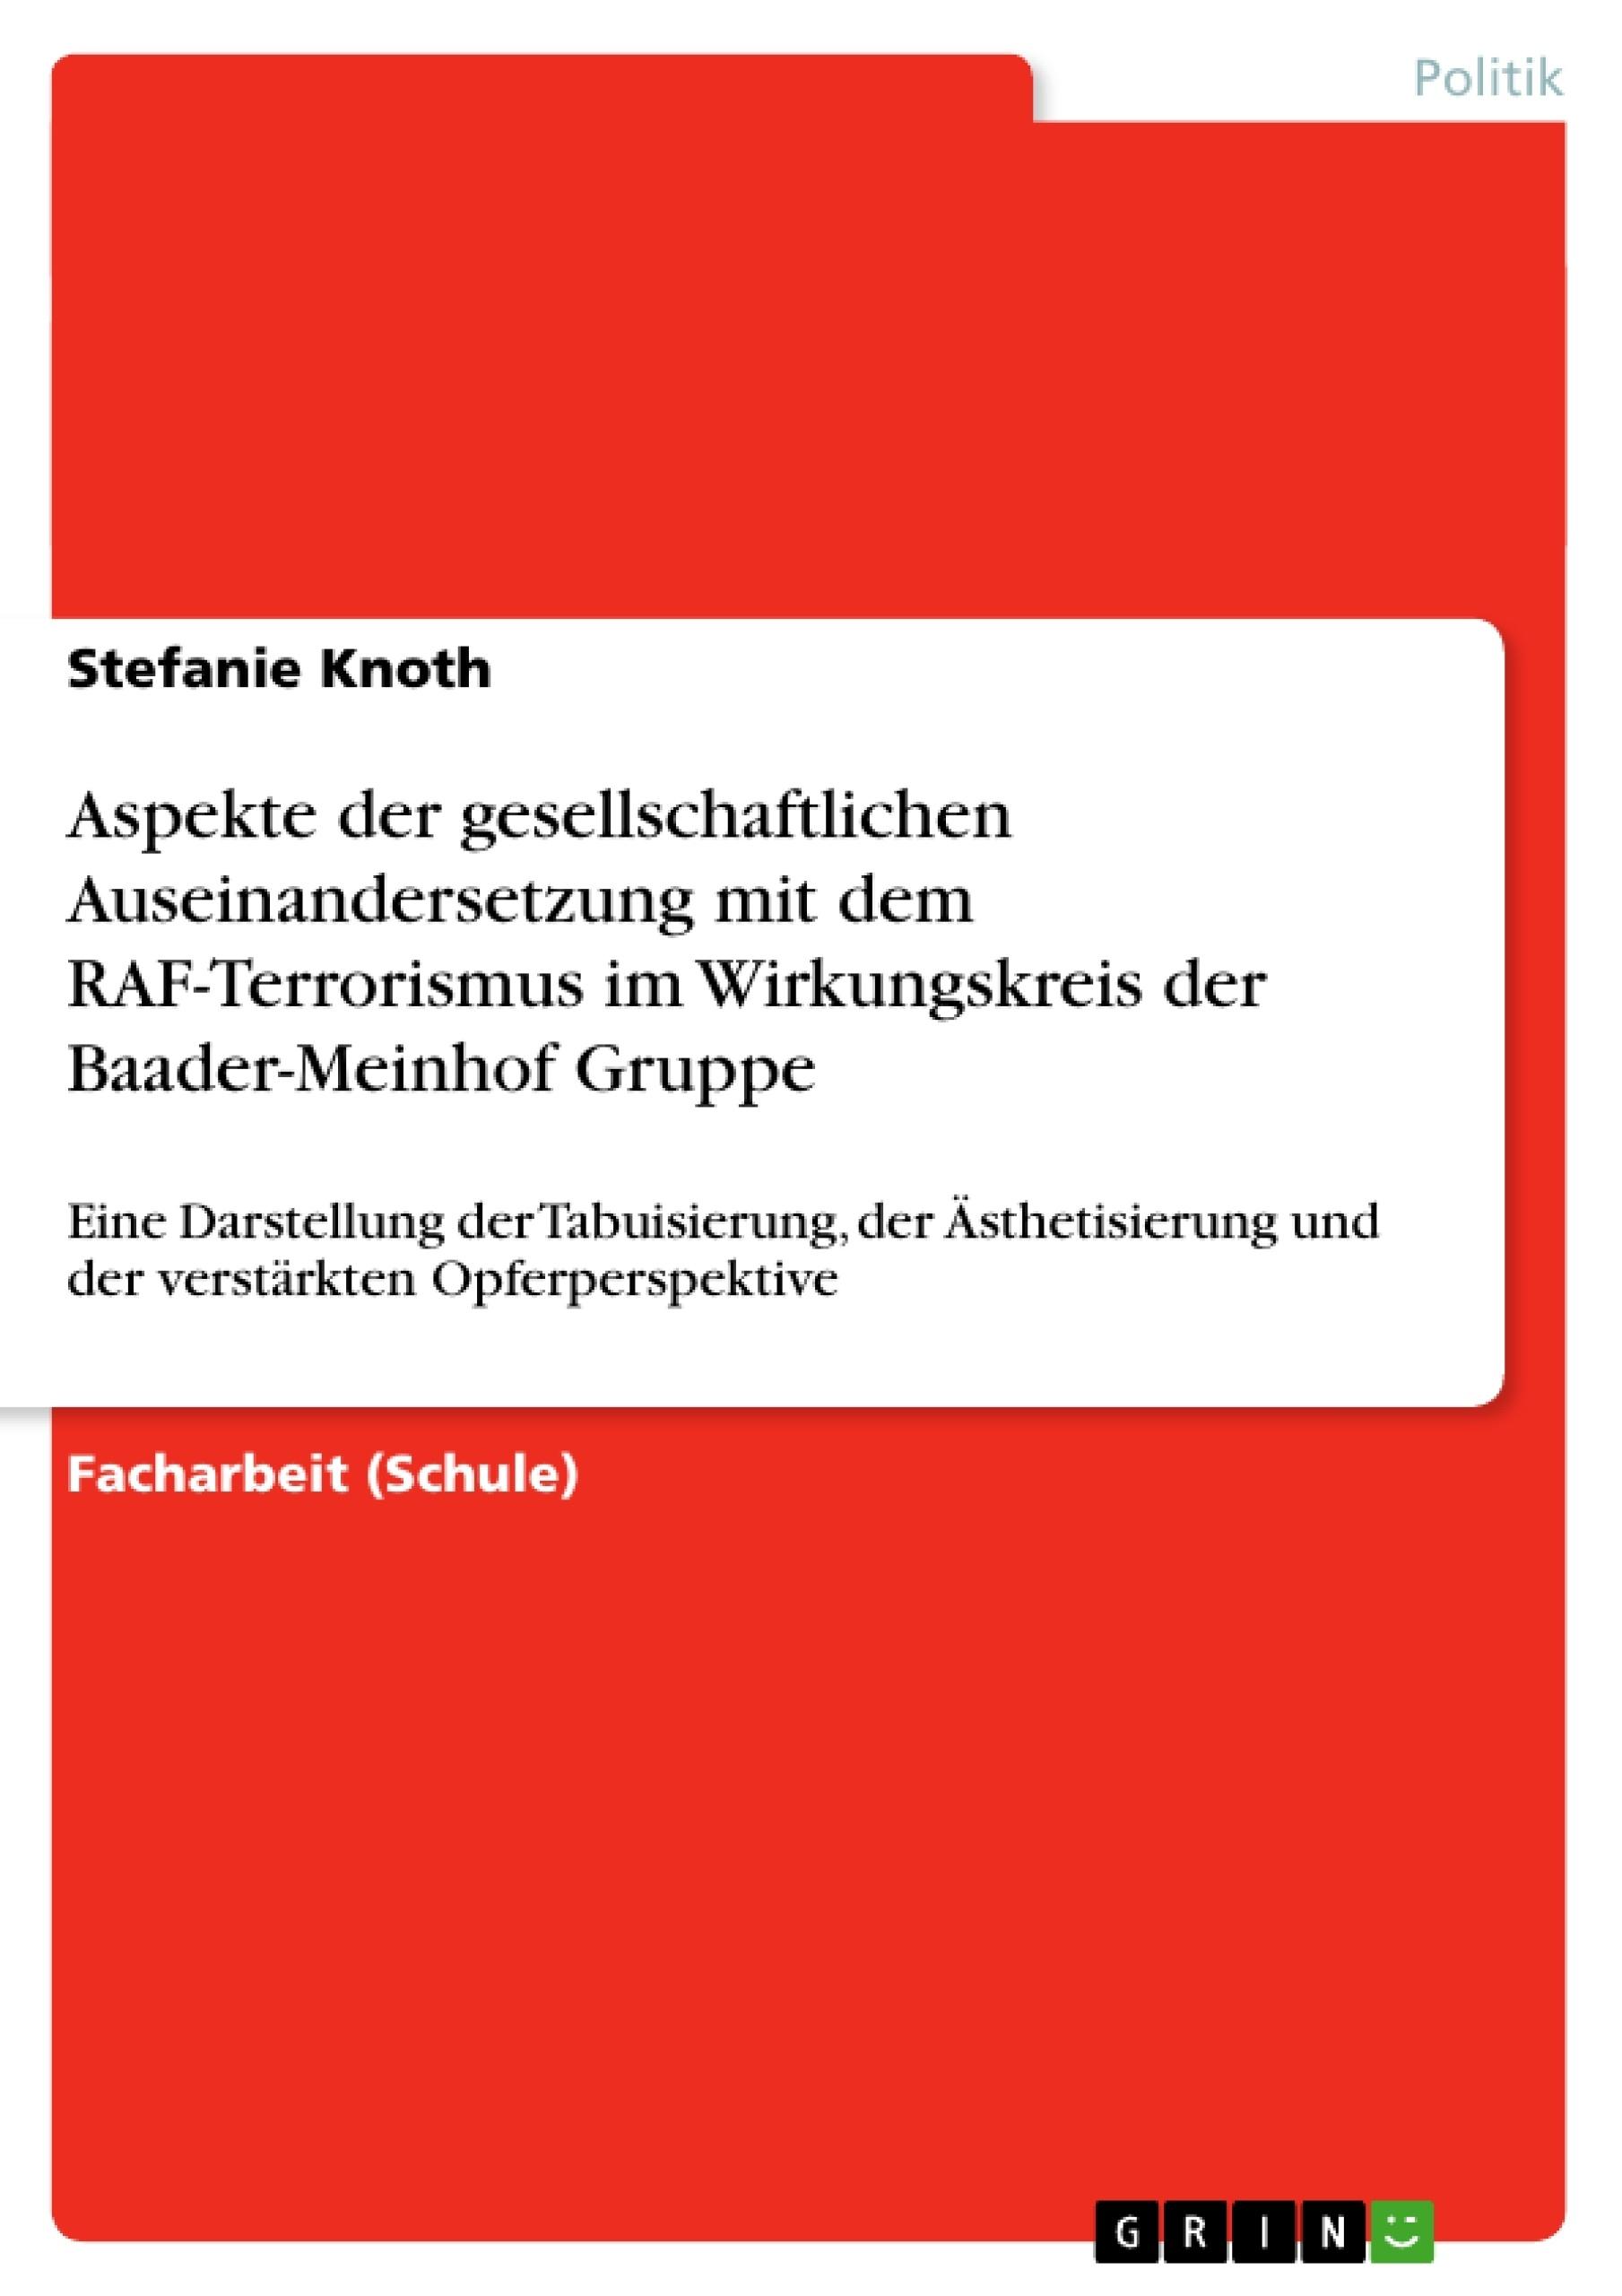 Titel: Aspekte der gesellschaftlichen Auseinandersetzung mit dem RAF-Terrorismus im Wirkungskreis der Baader-Meinhof Gruppe